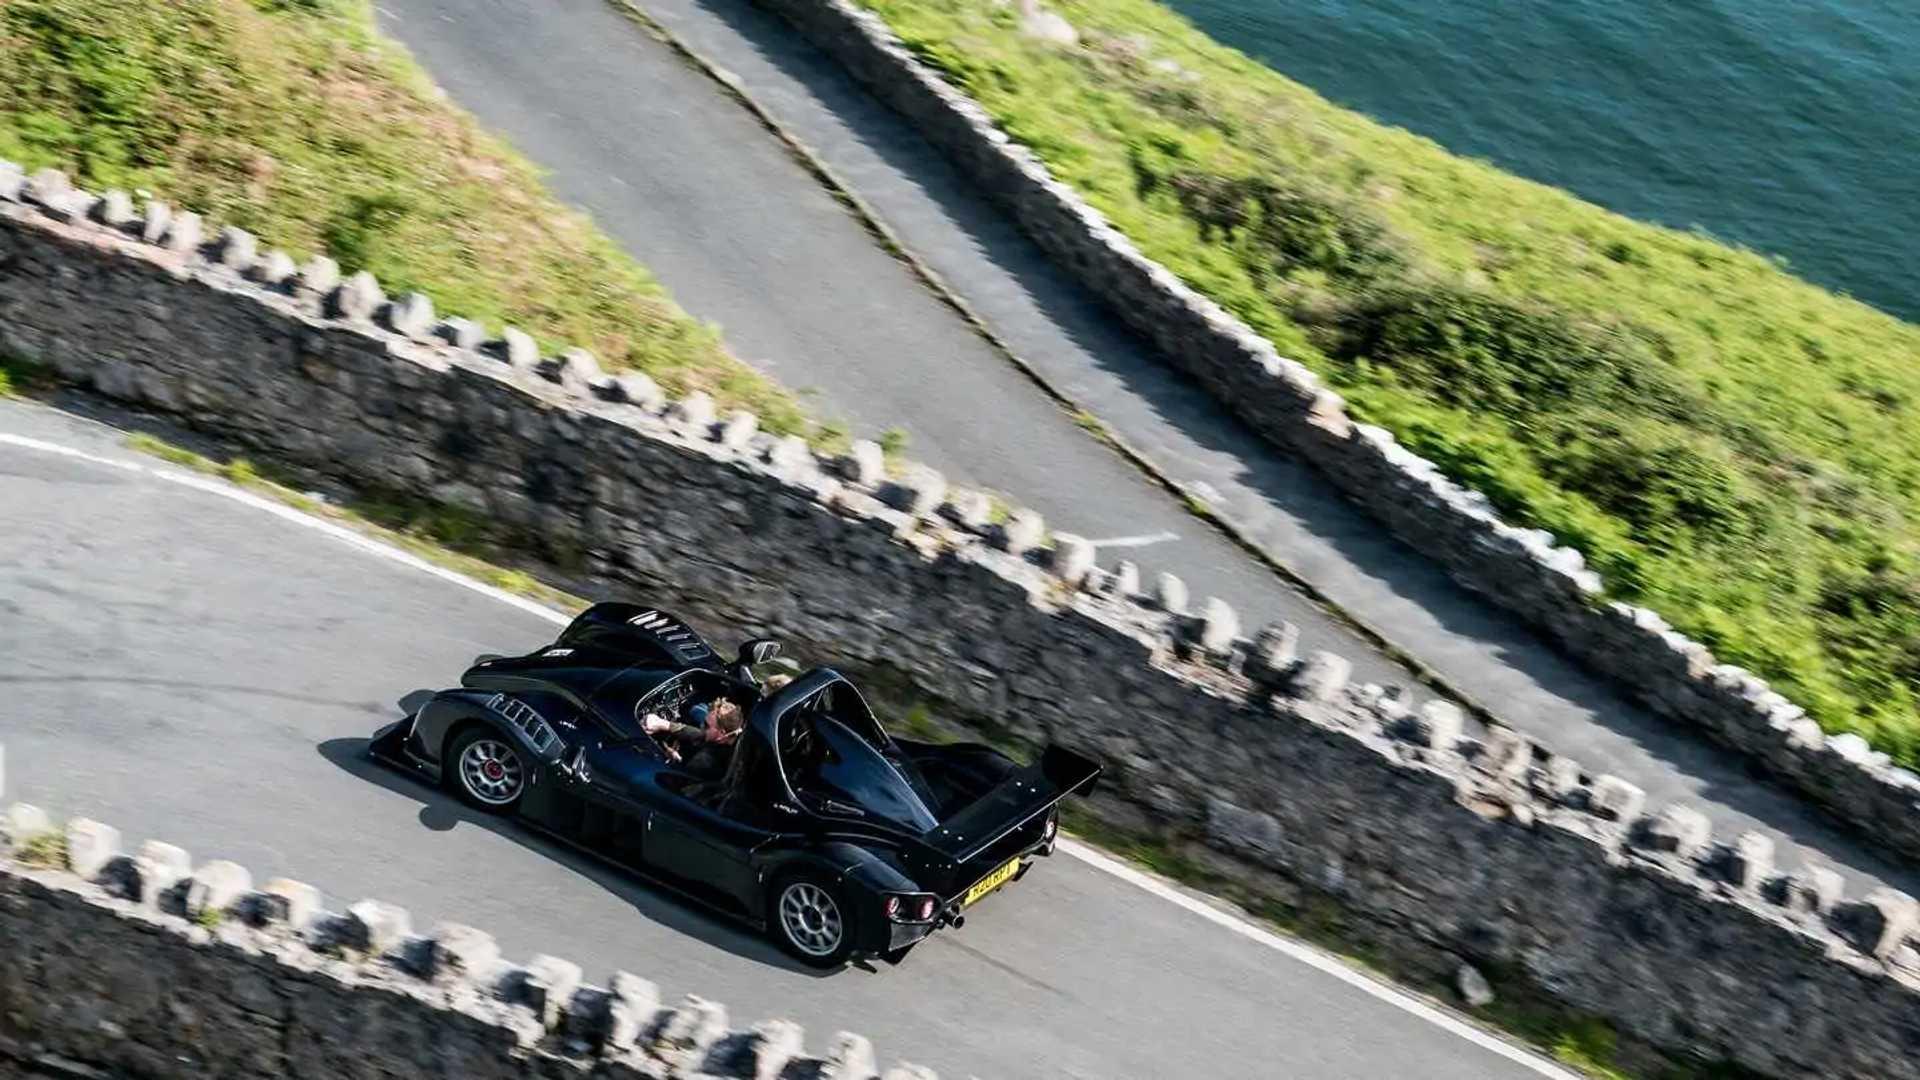 Радикальный дебют Rapture как дорожно-легальная игрушка с двигателем Focus RS